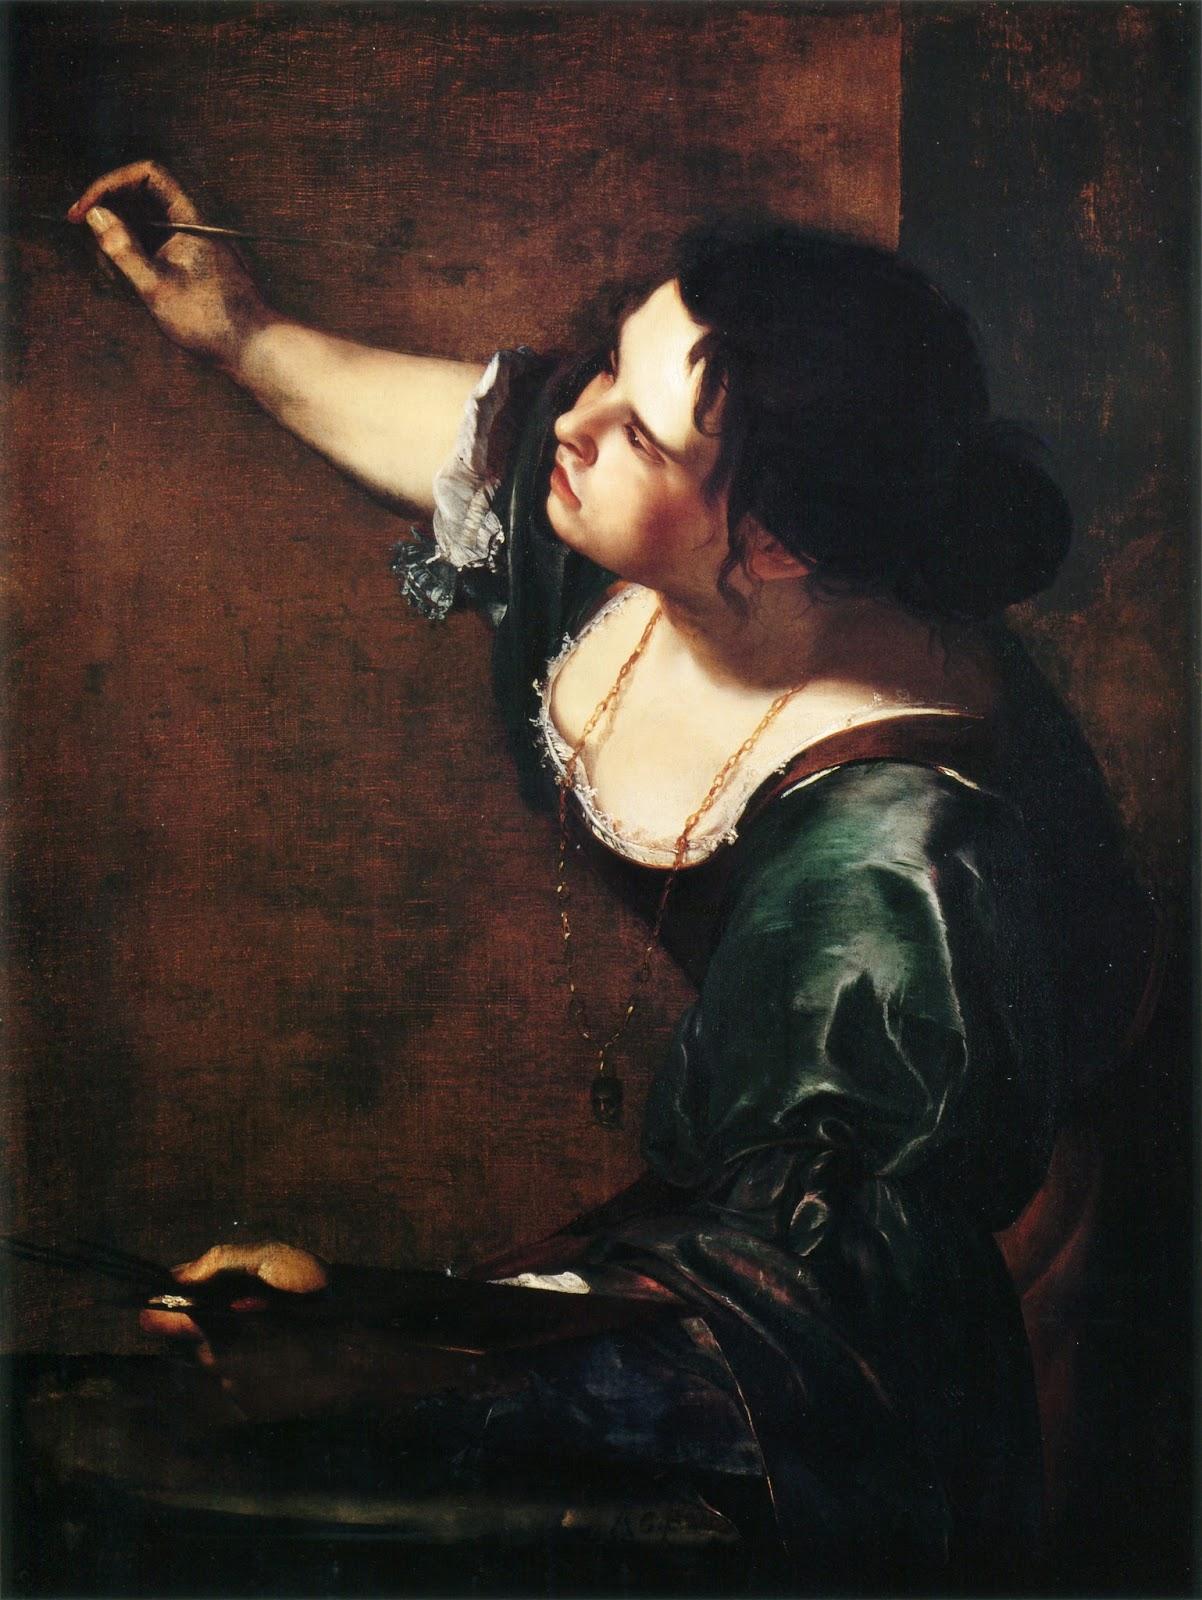 Auto-retrato de Artemisia Gentileschi, visita guiada com guia em português